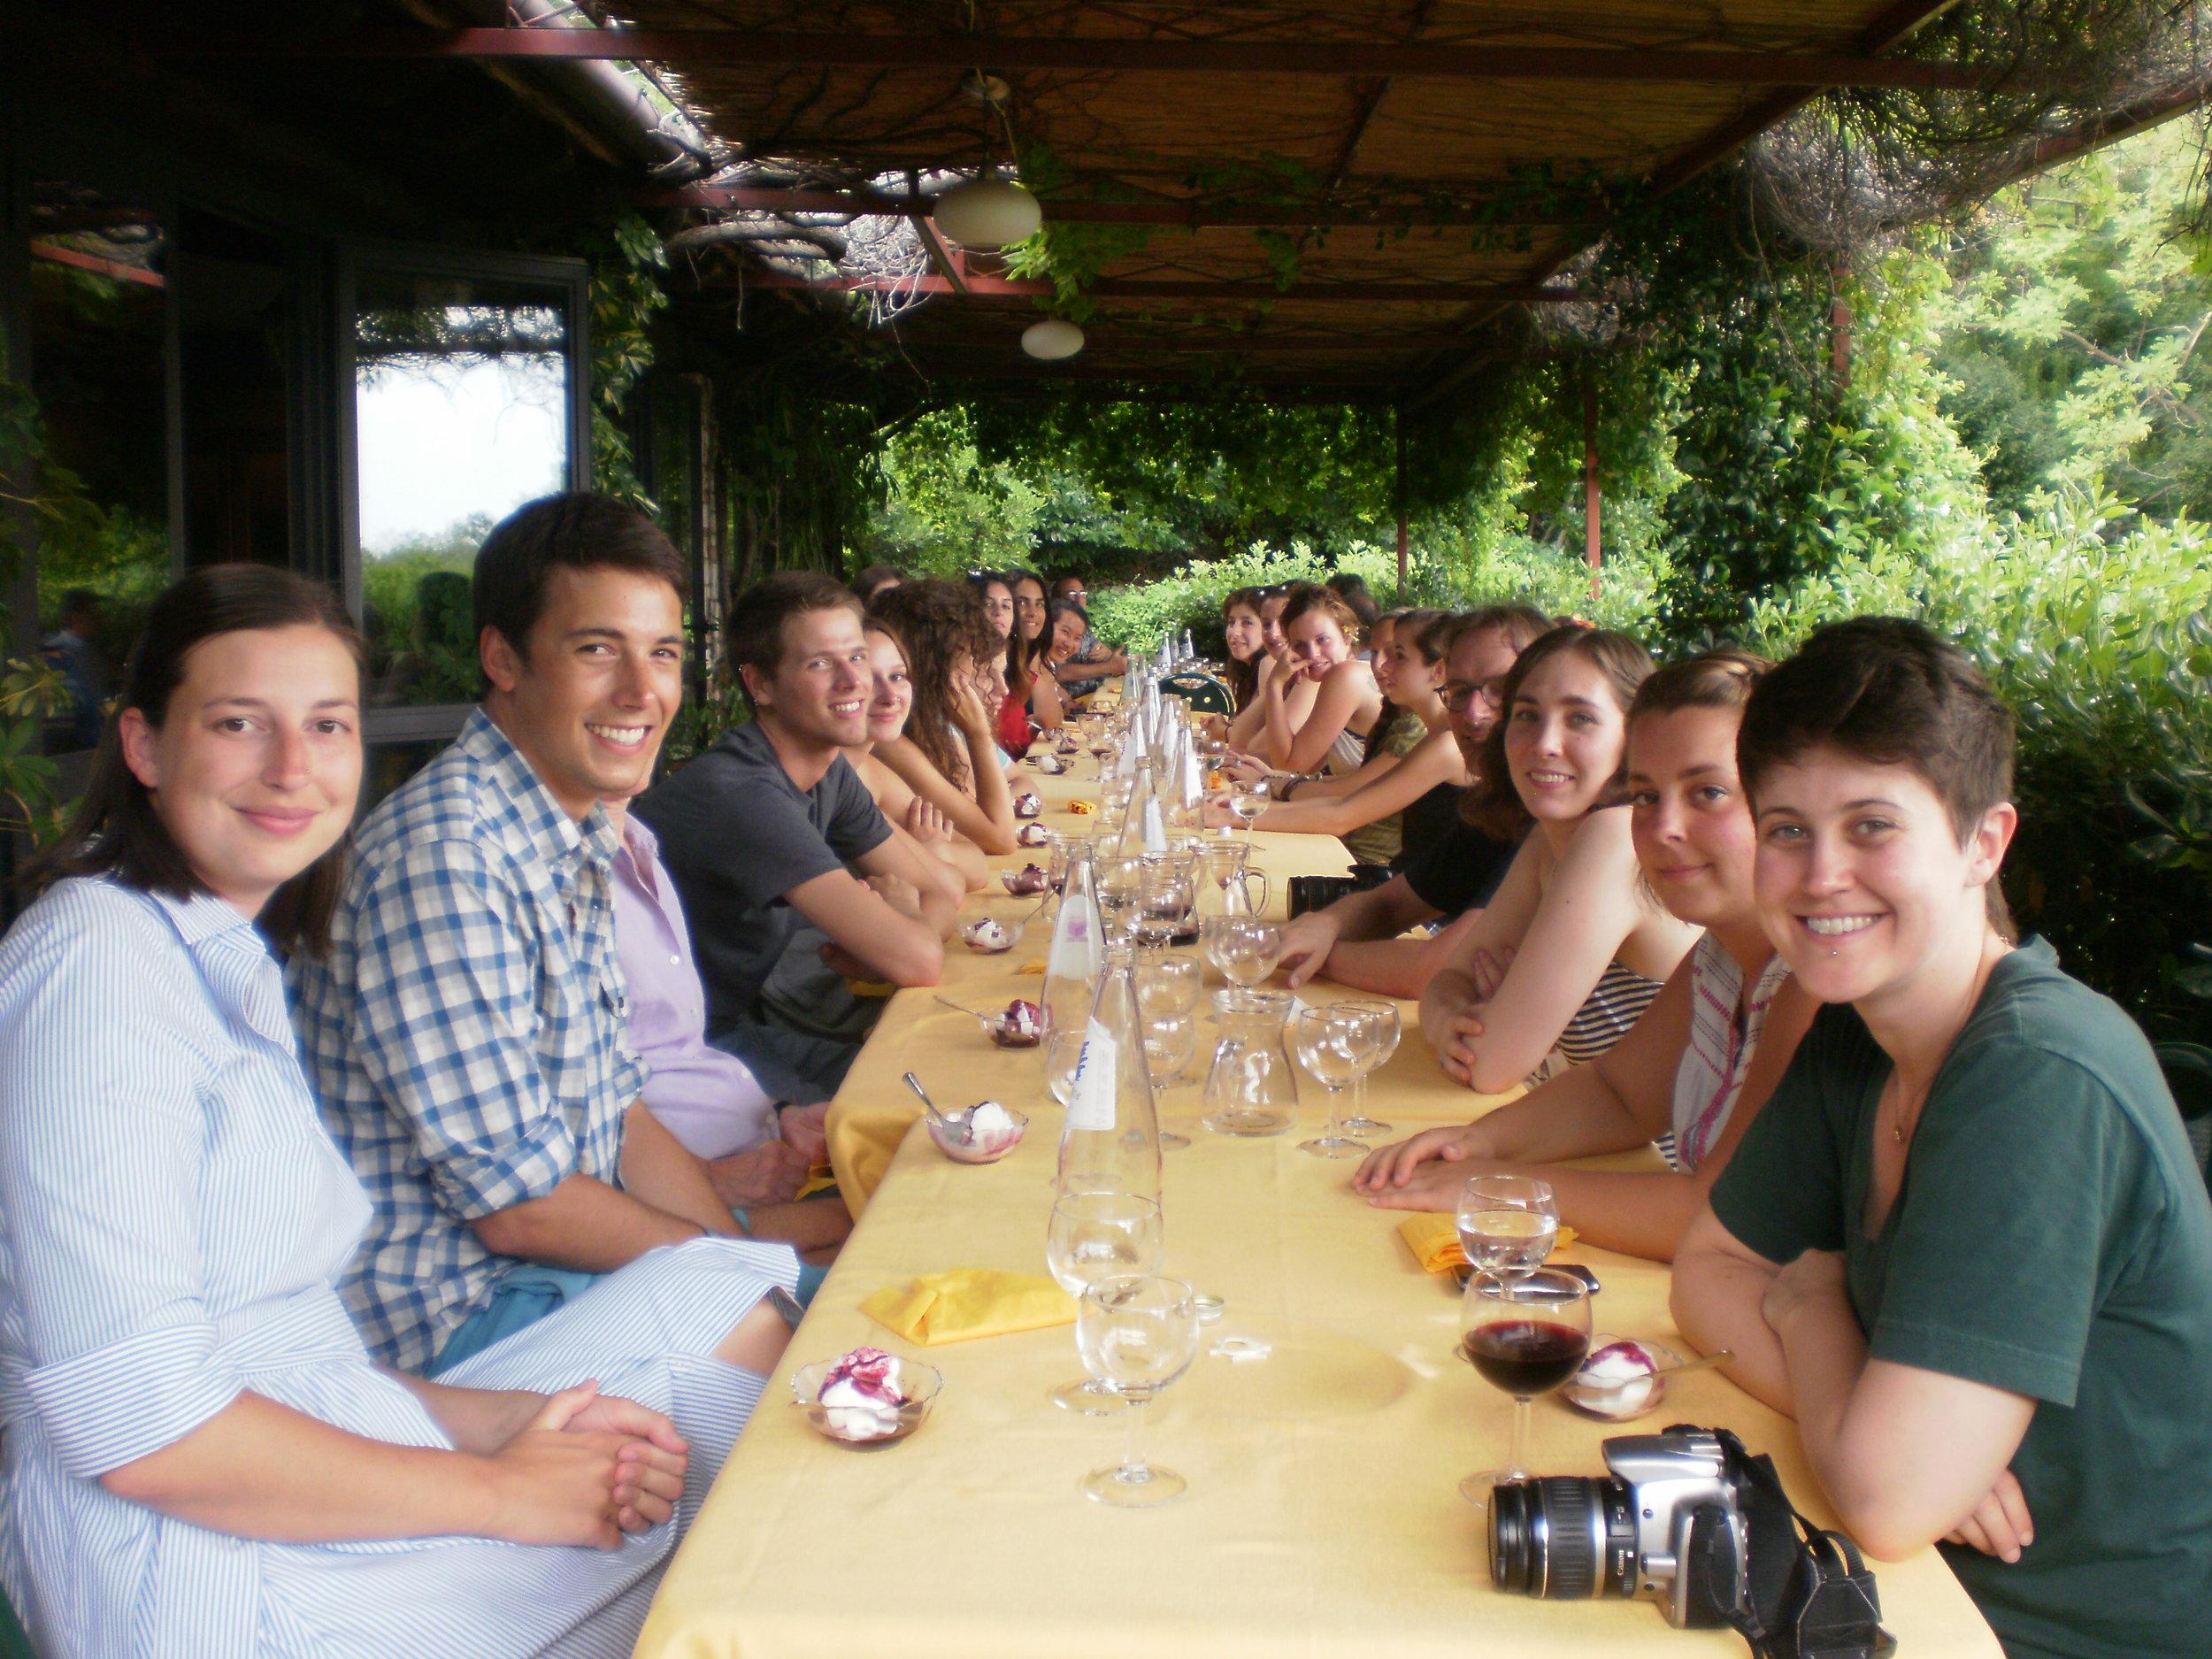 Bassano pranzo 2011.JPG